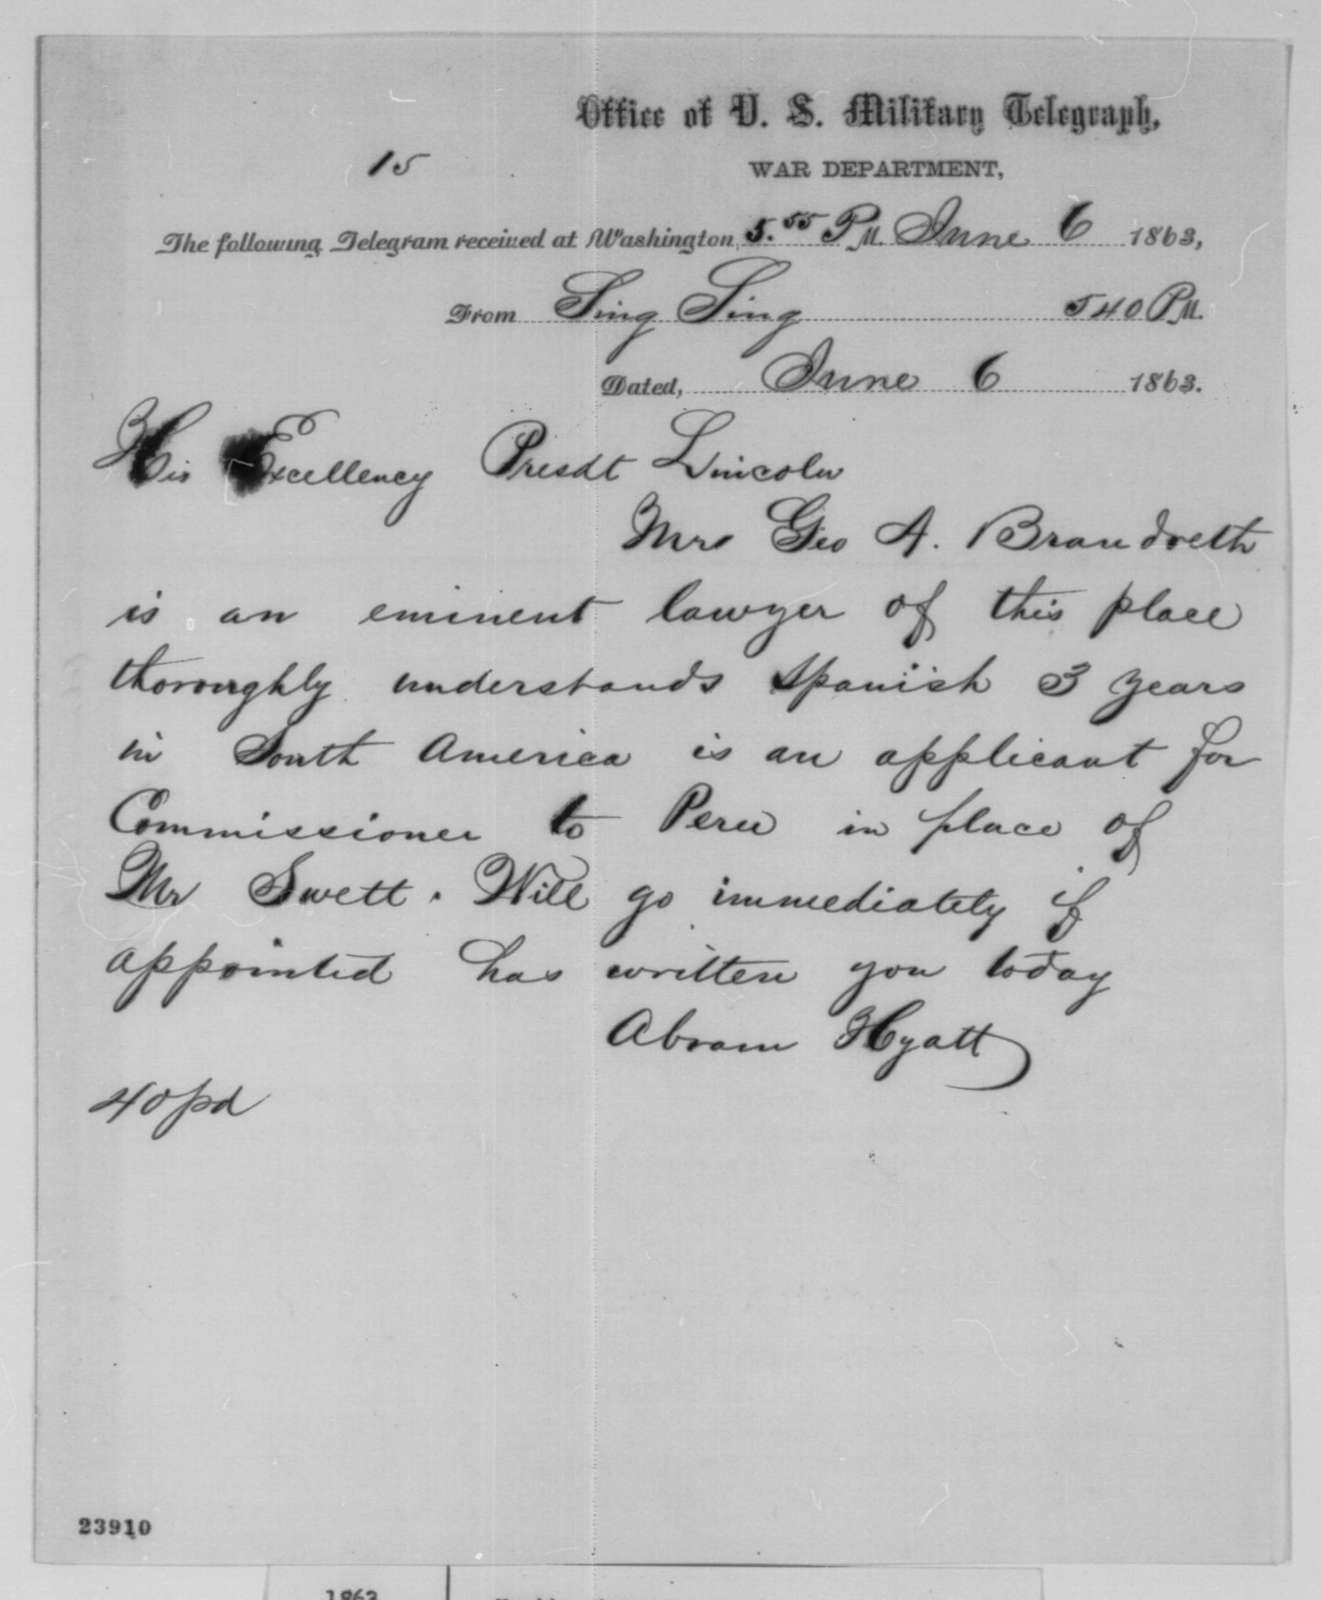 Abram Hyatt to Abraham Lincoln, Saturday, June 06, 1863  (Telegram recommending George Brandreth)